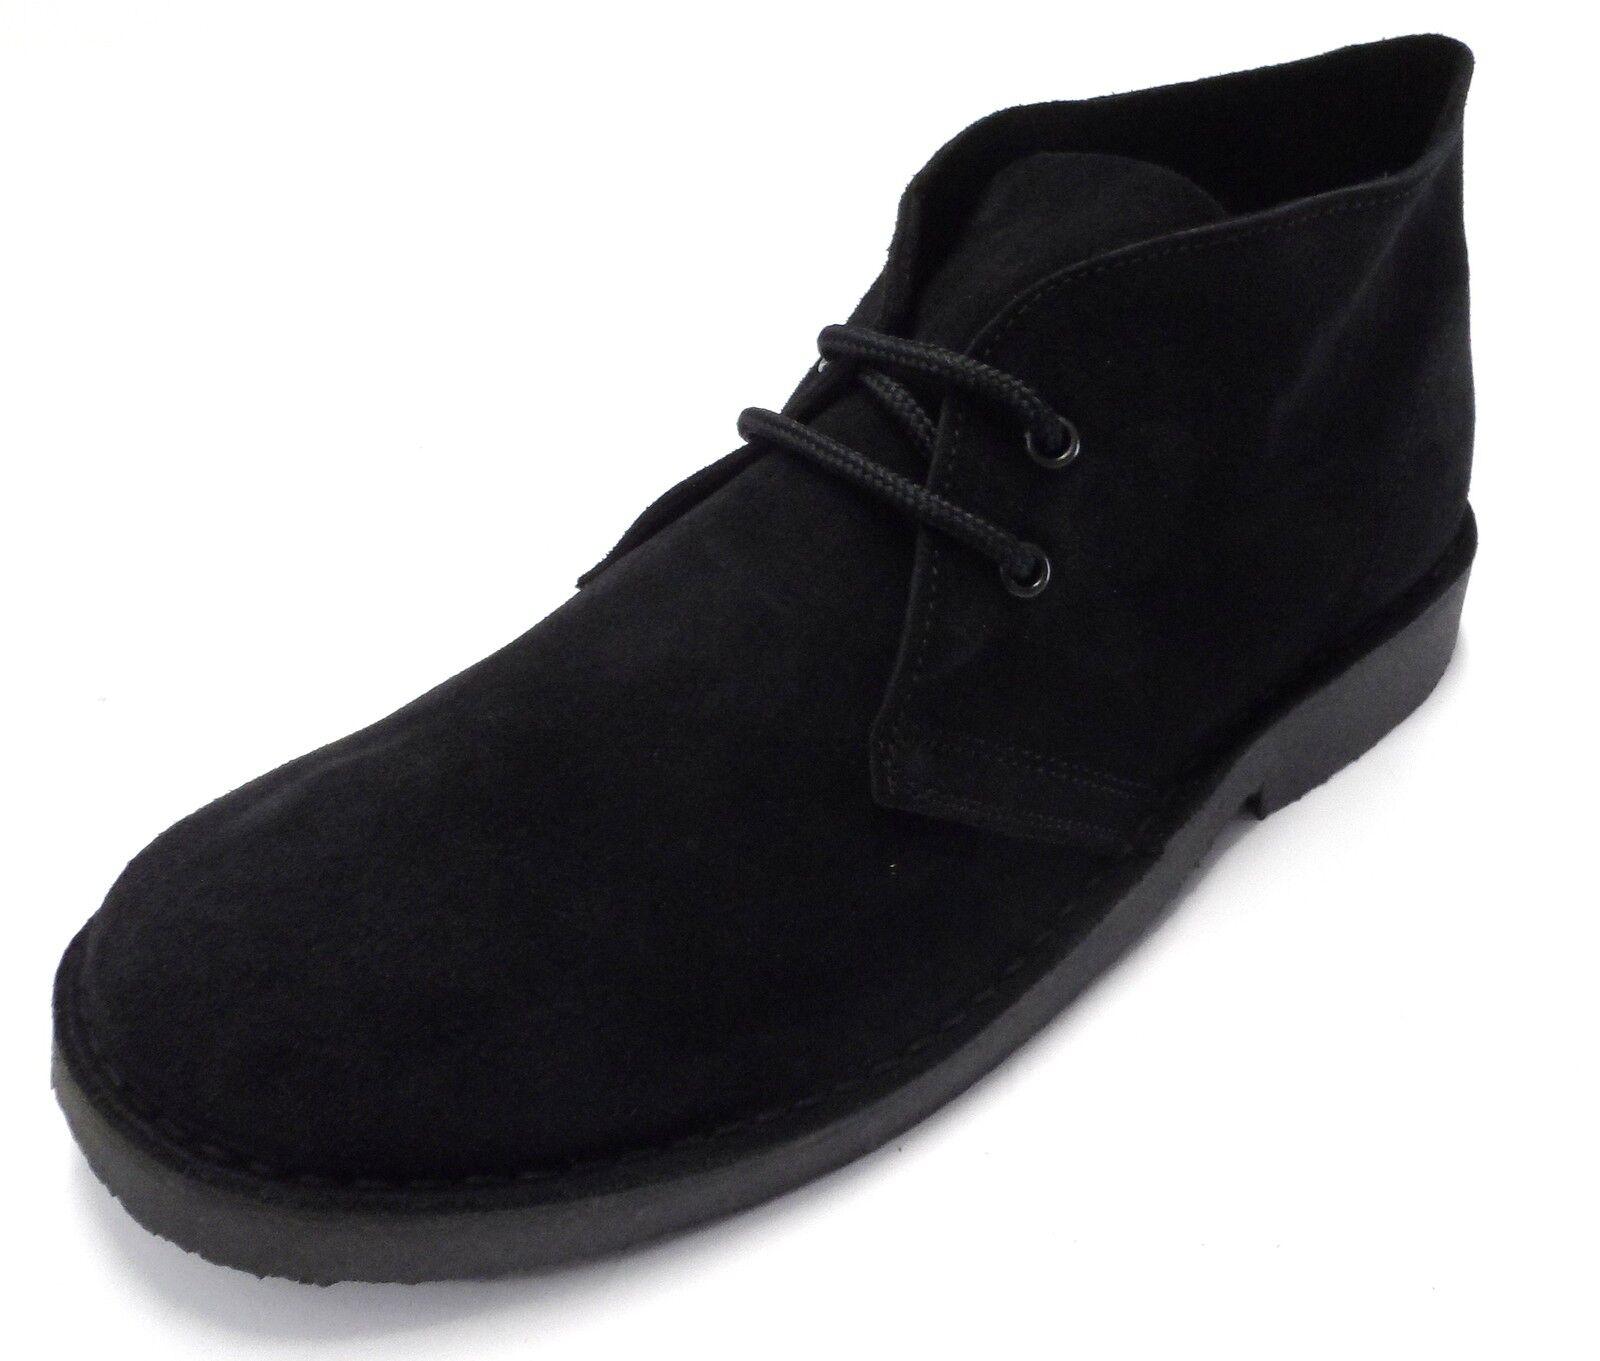 Rétro black Années 70 Mode Style Authentique Bottines Chukka en Daim